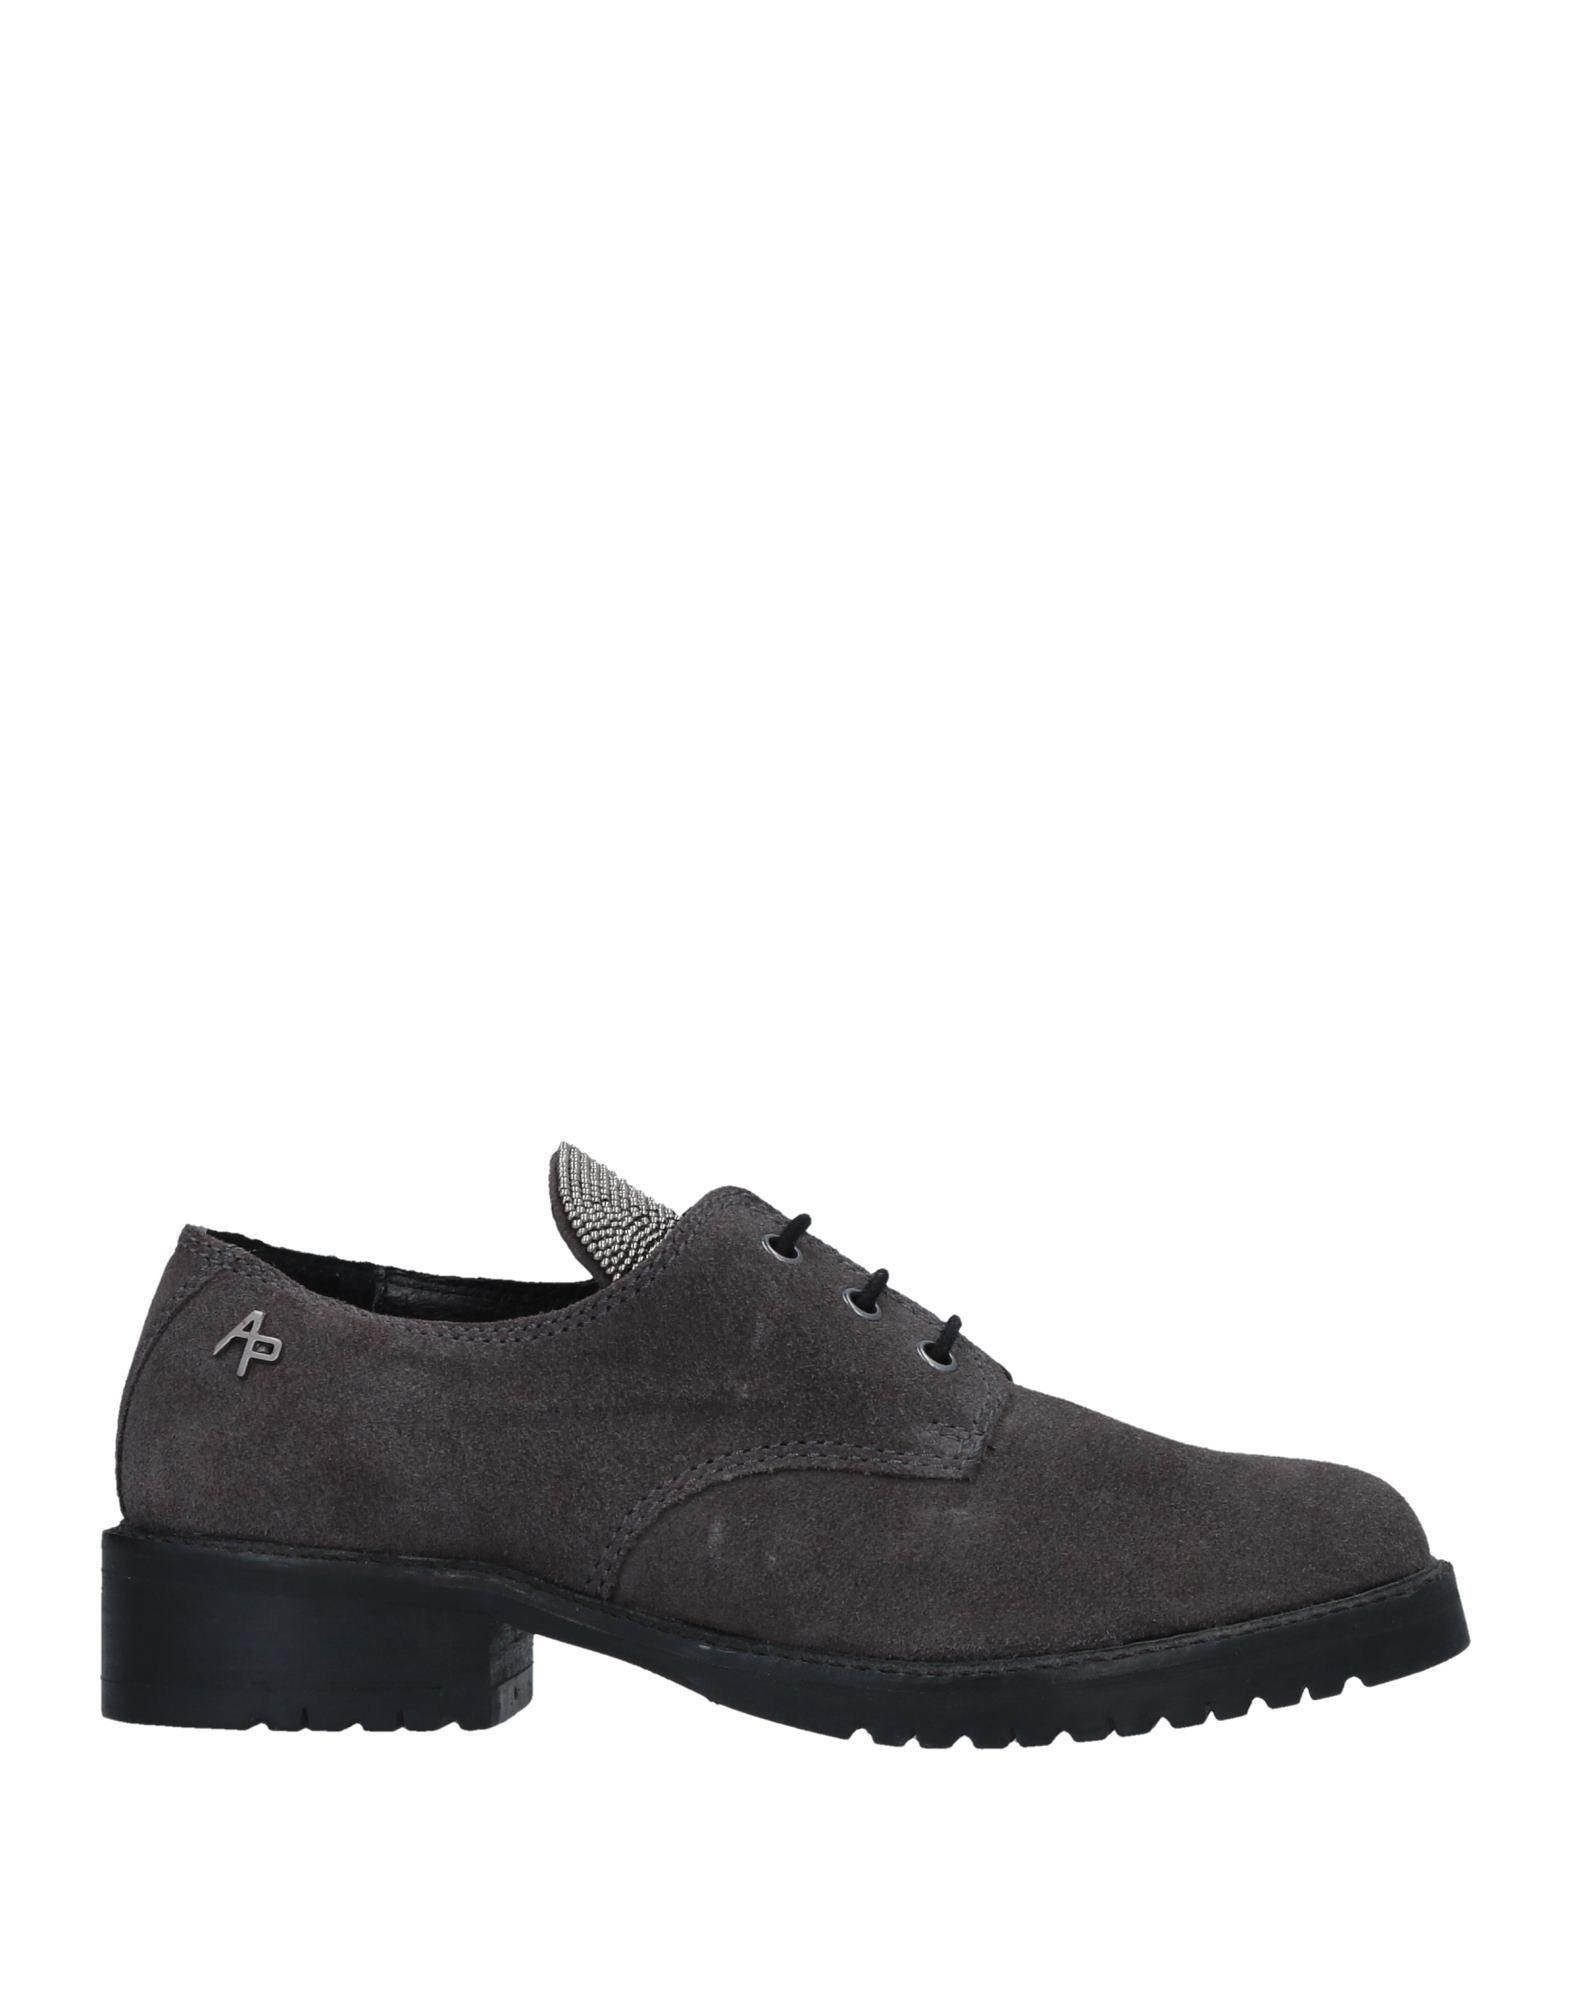 Apepazza Schnürschuhe Damen  11506020LB Gute Qualität beliebte Schuhe